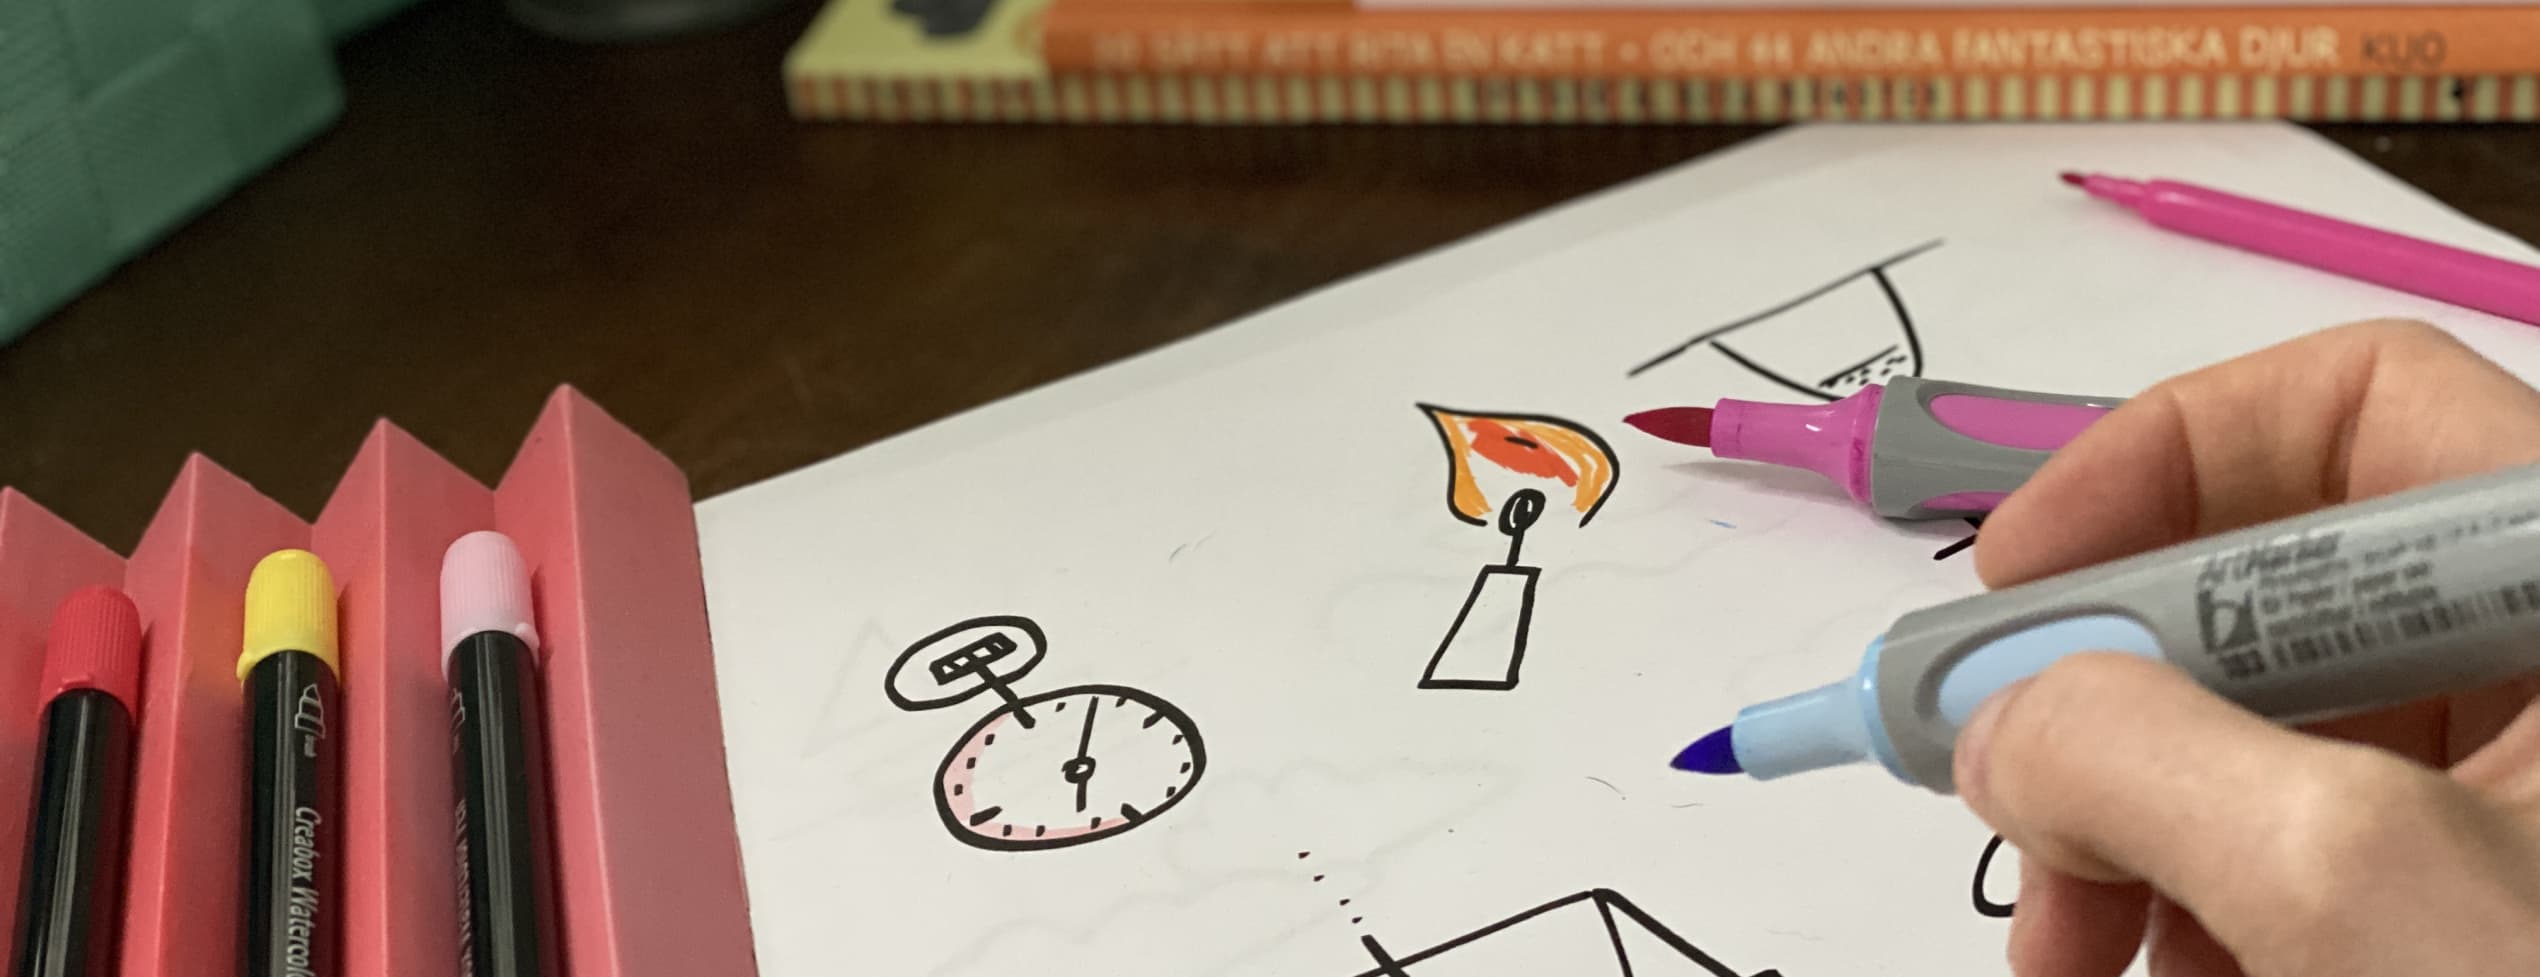 Rita mera - skapa ditt symbolbibliotek